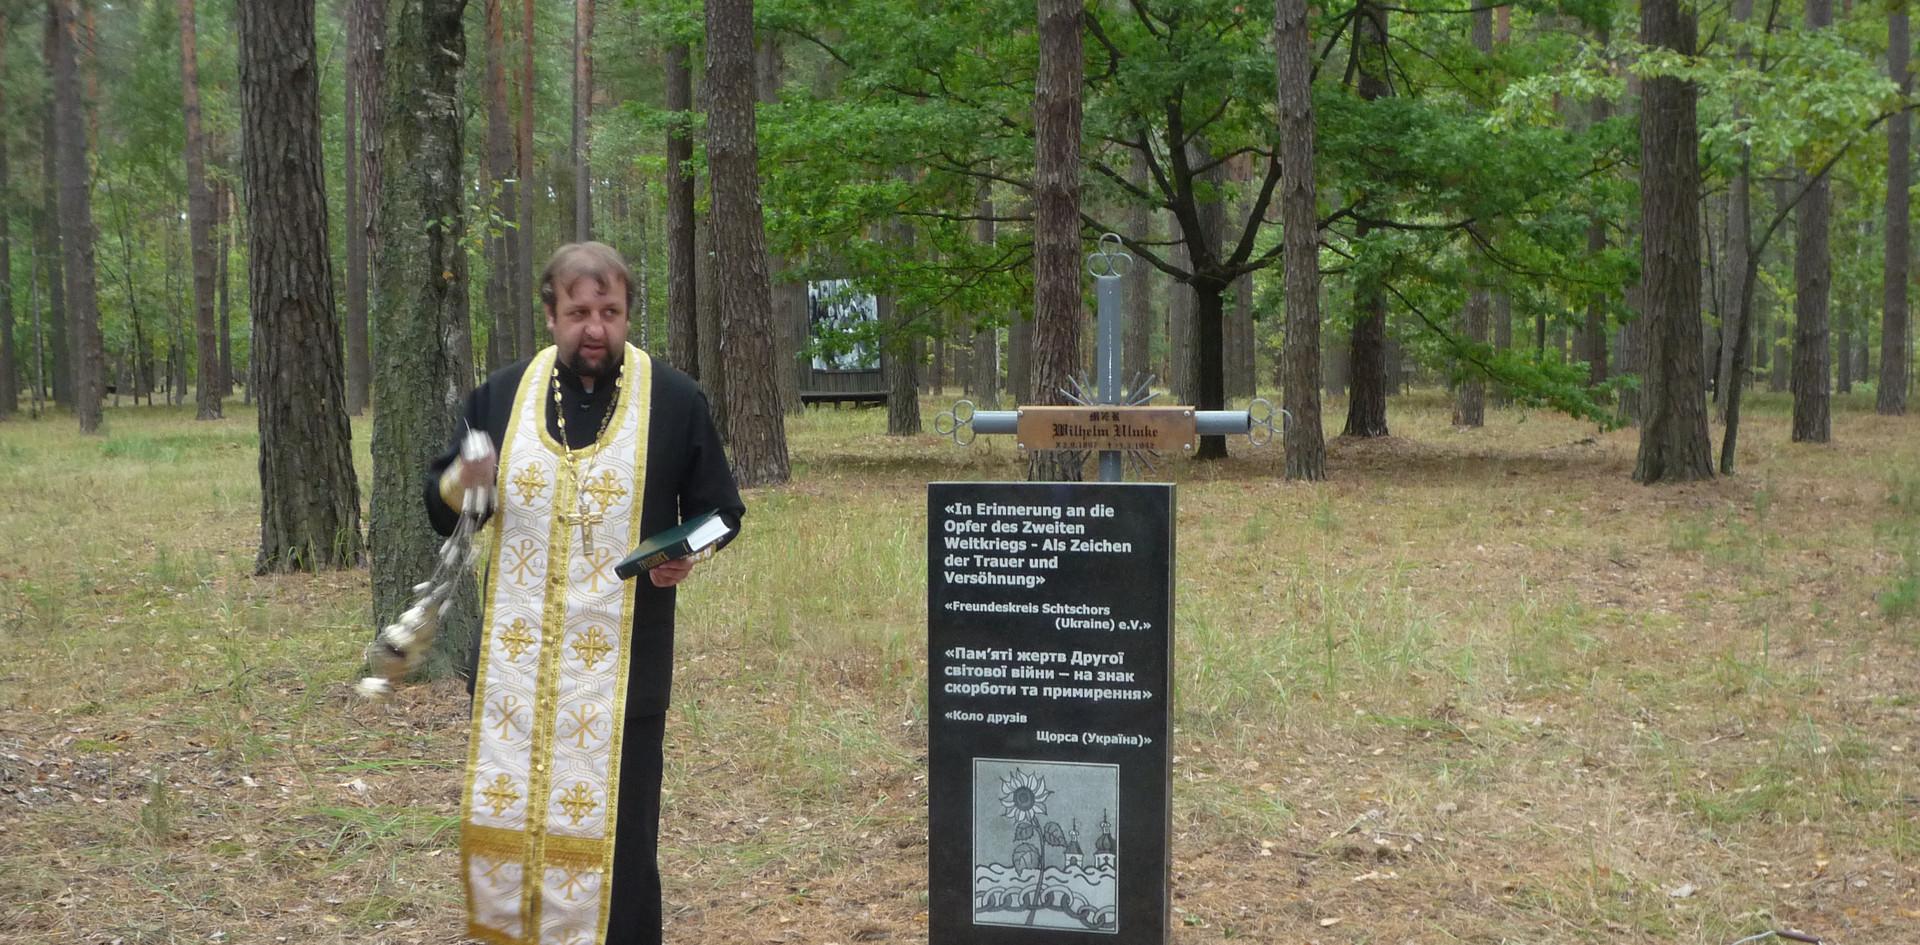 Denkmal im Wald von Jelino - 2015